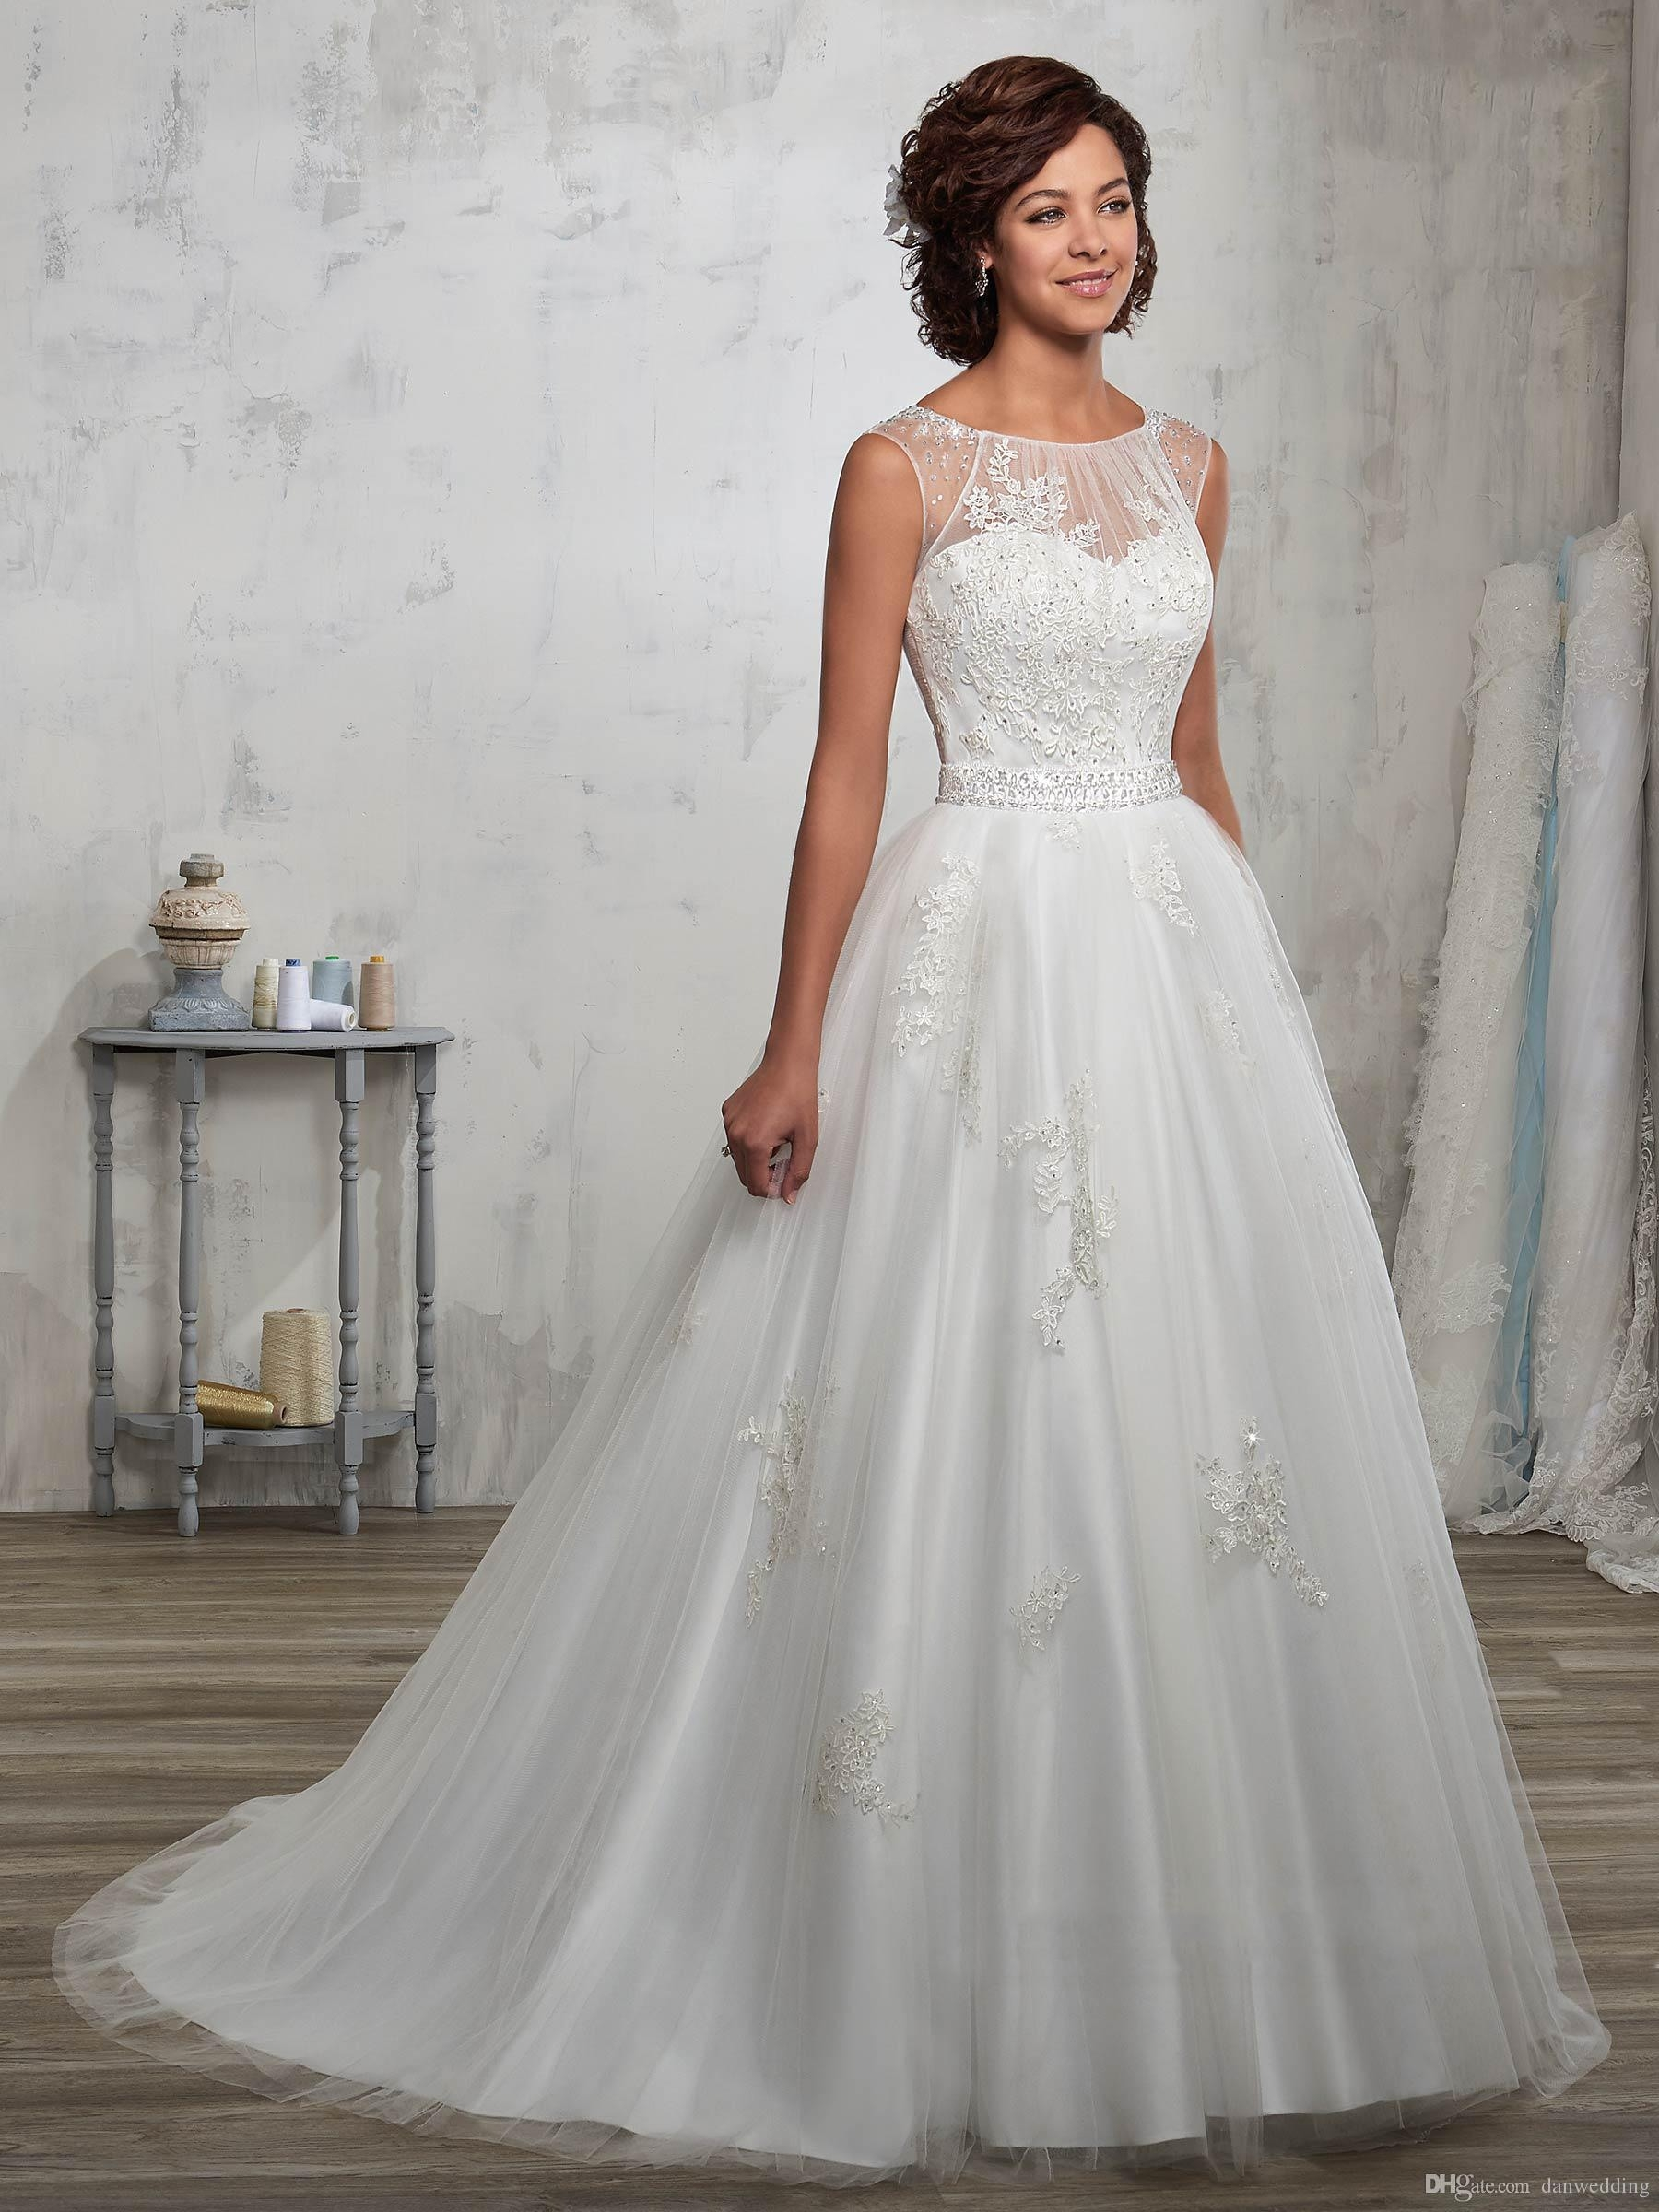 Schön Kleider Für Die Hochzeit VertriebDesigner Coolste Kleider Für Die Hochzeit Vertrieb